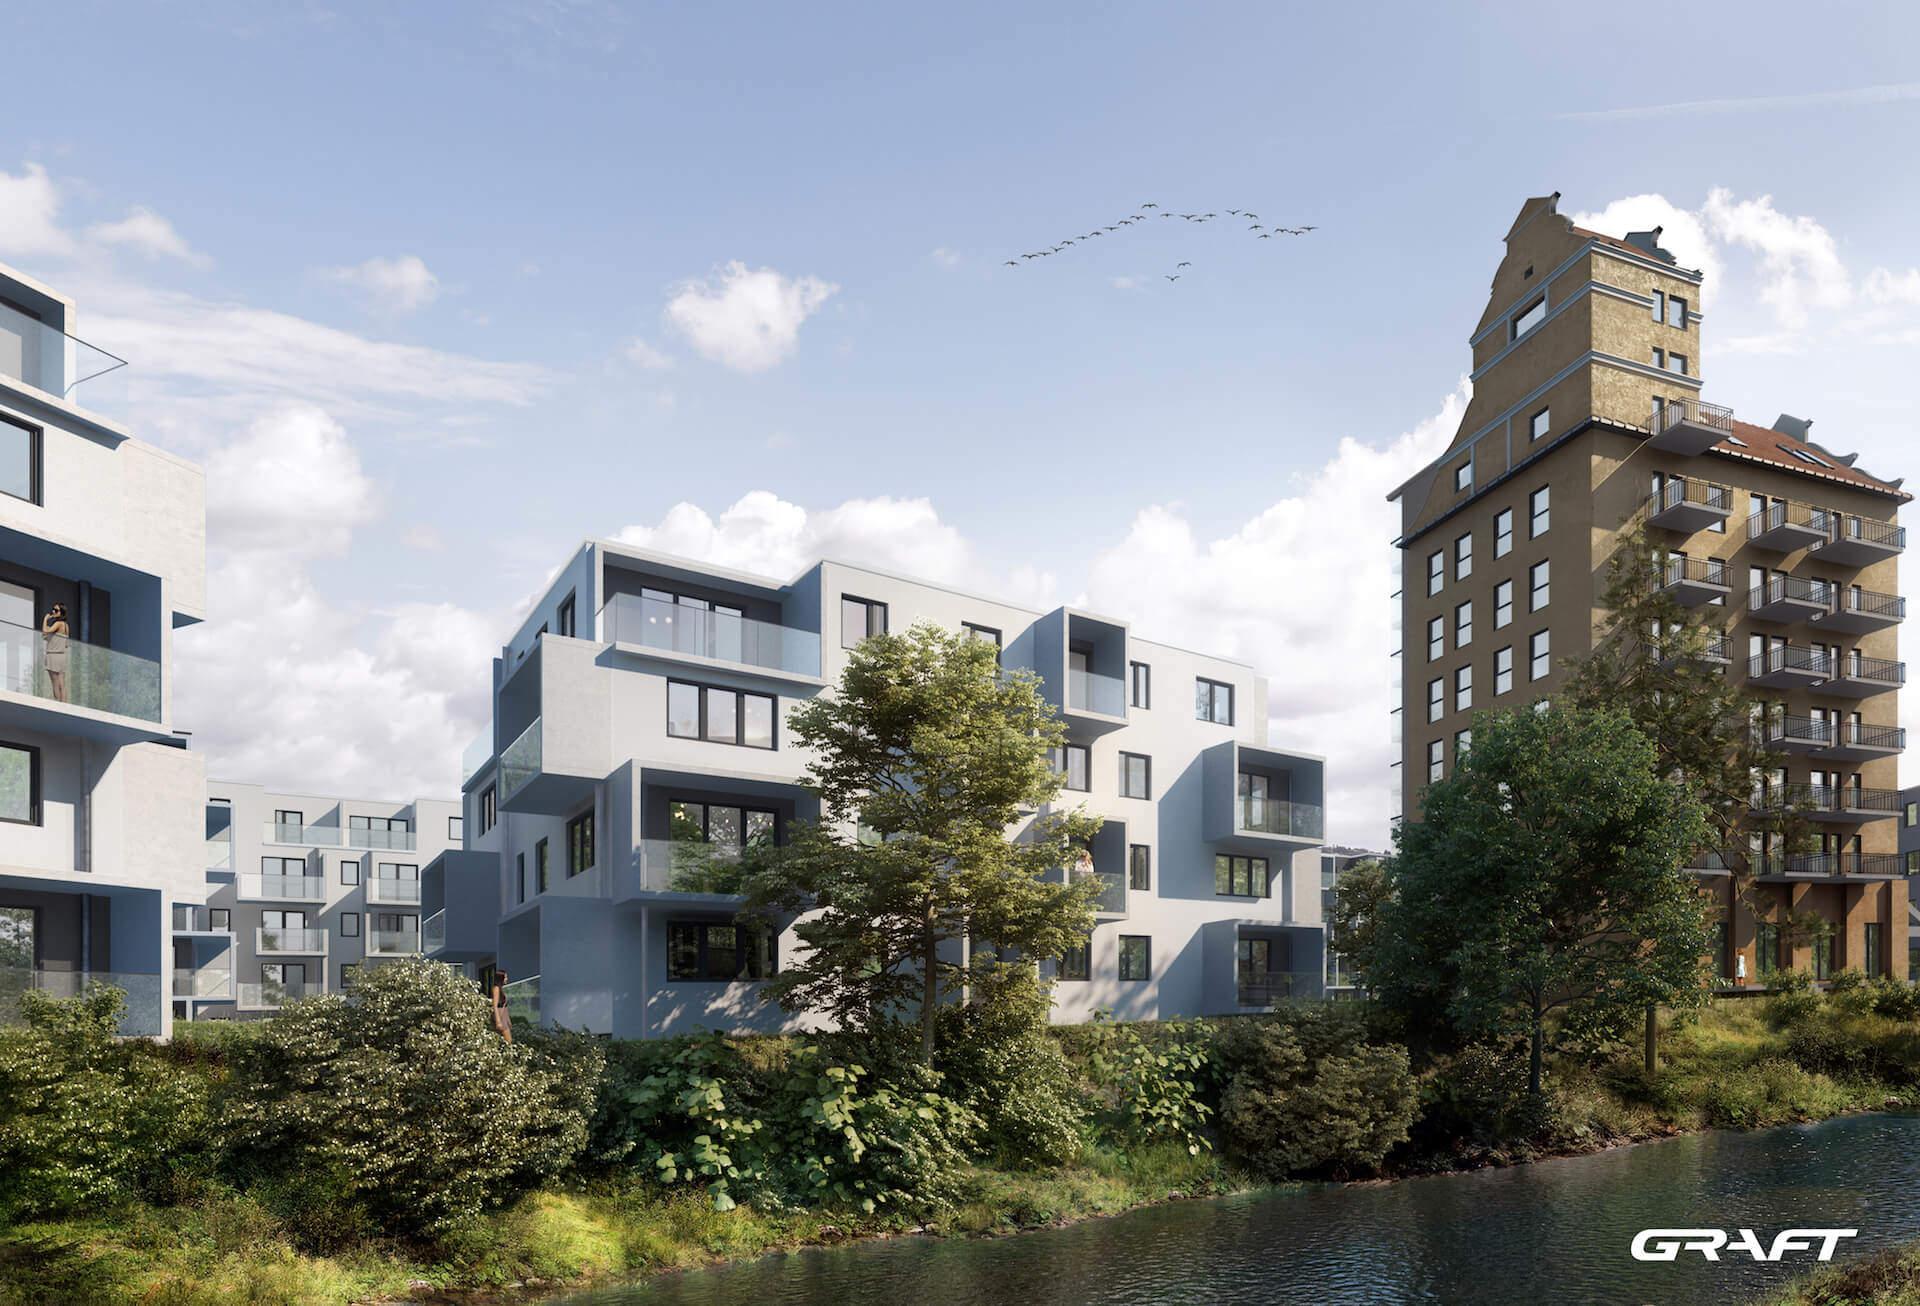 70 Millionen Euro für Wohnungen am alten Speicher